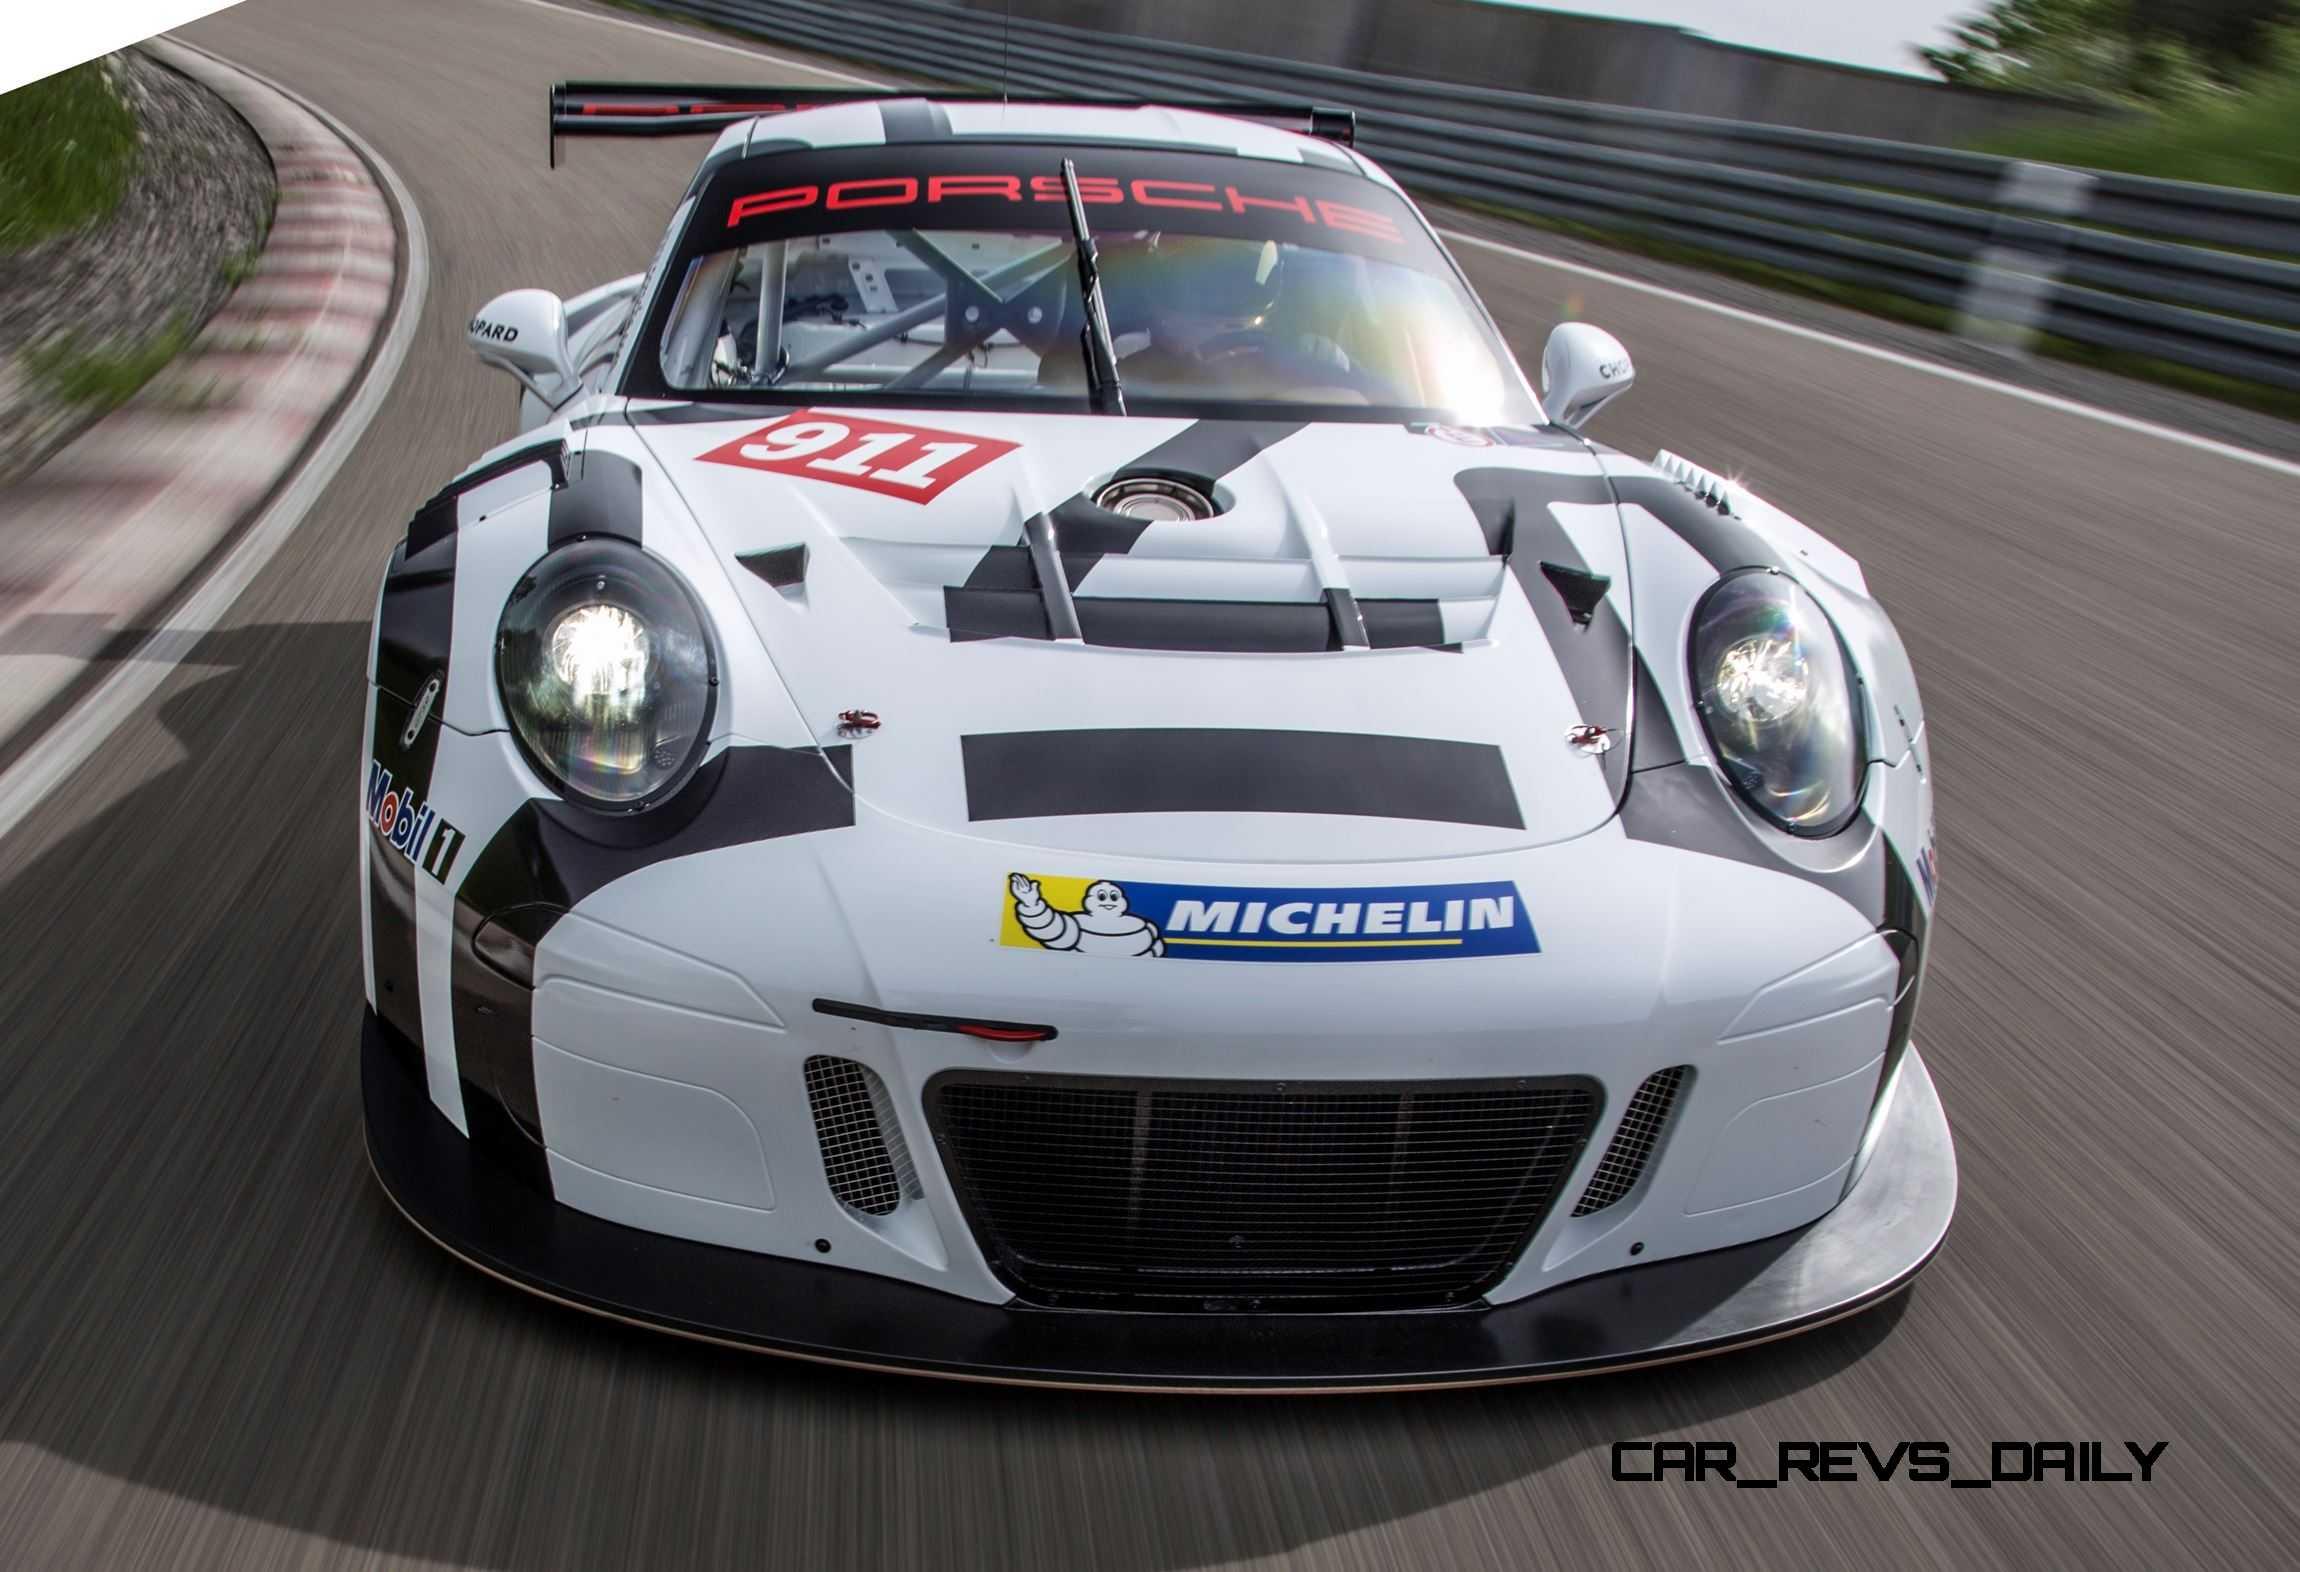 2015 Porsche 911 GT3 R vs. GT3 Cup vs. GT3 RSR on car mercedes-benz cls-class, car porsche panamera, car ferrari 458,